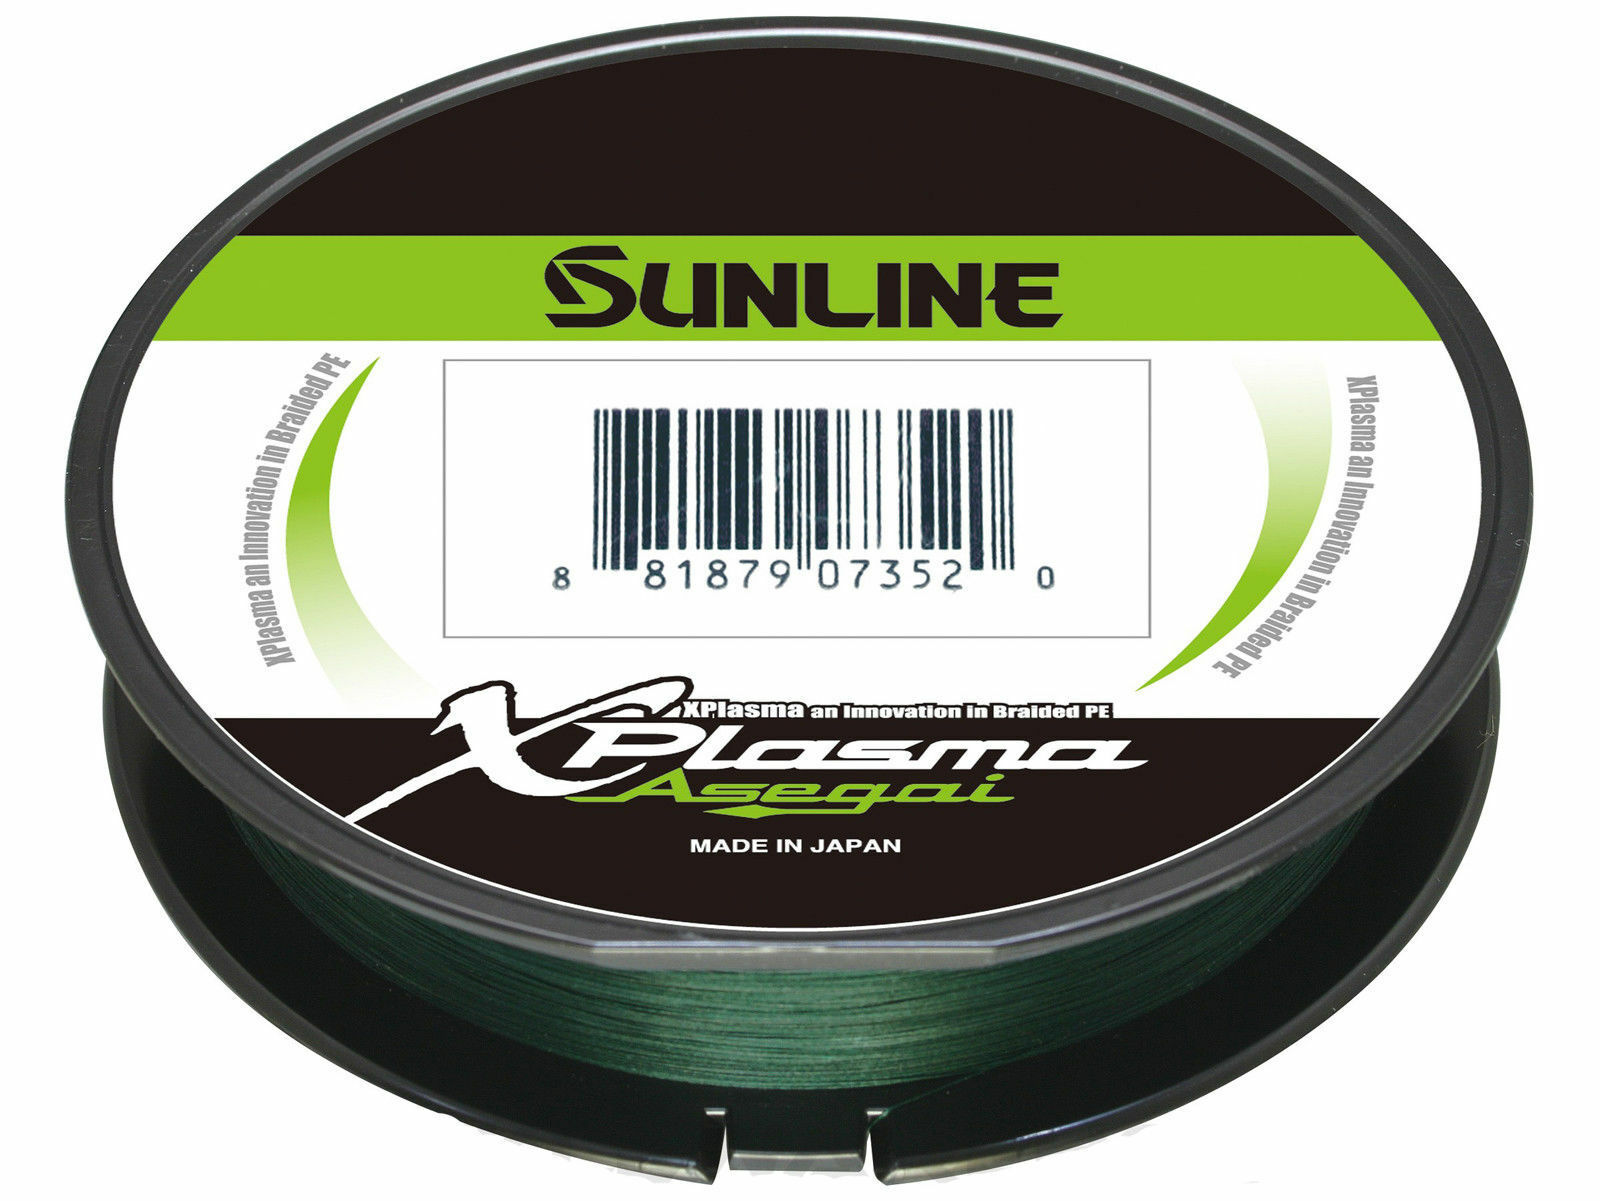 NEW Sunline Xplasma Asegai 12lb Dark Green 600yd 63043264